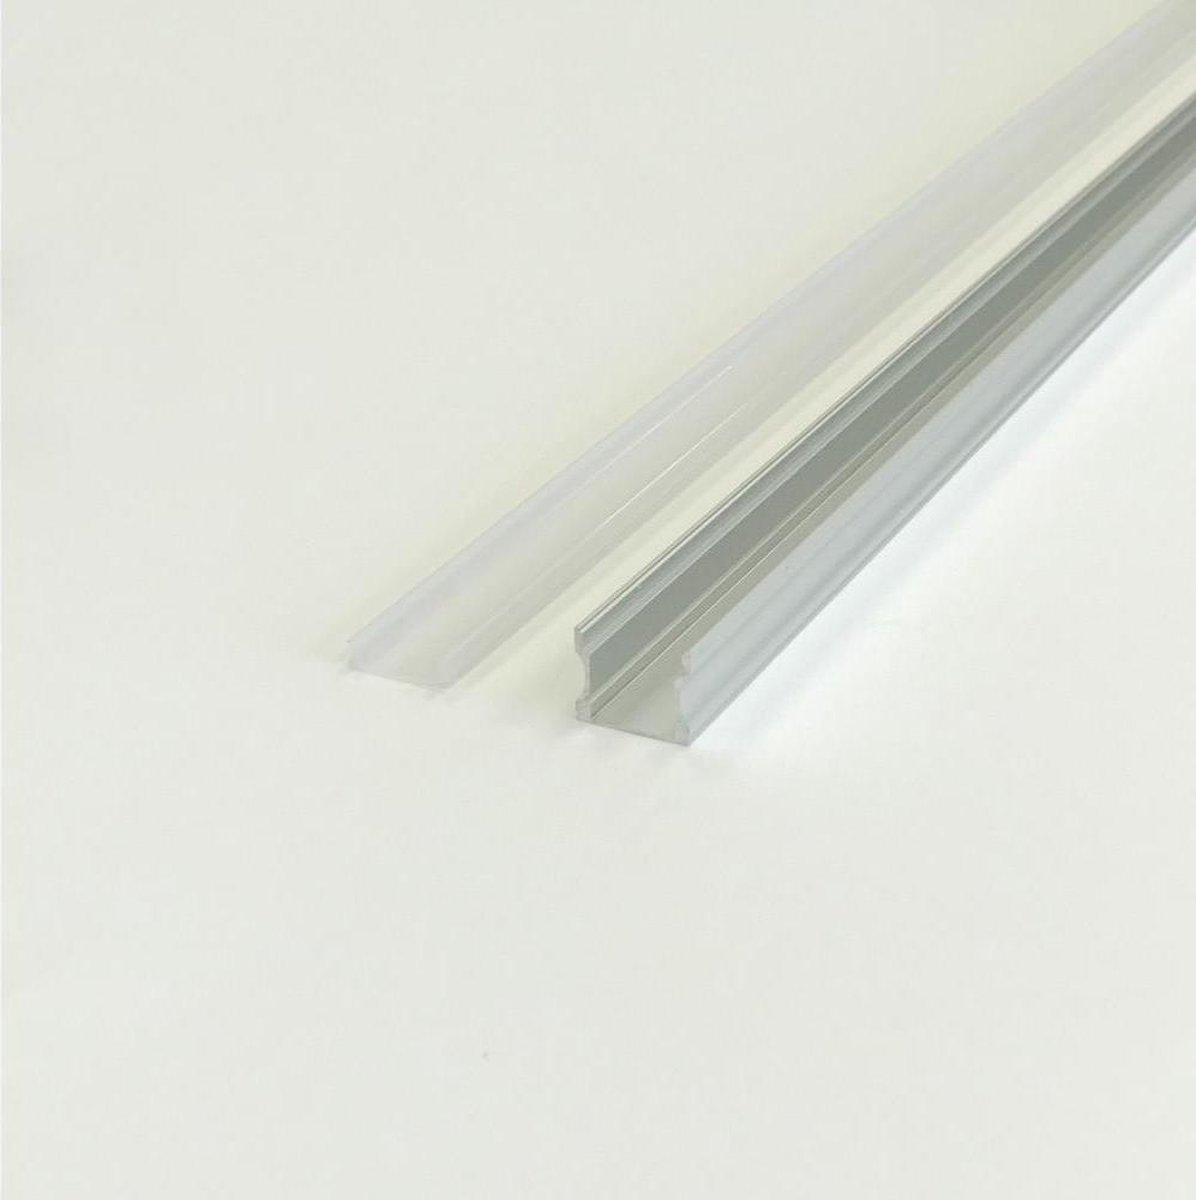 2m aluminium profiel voor ondoorzichtige LED-strip